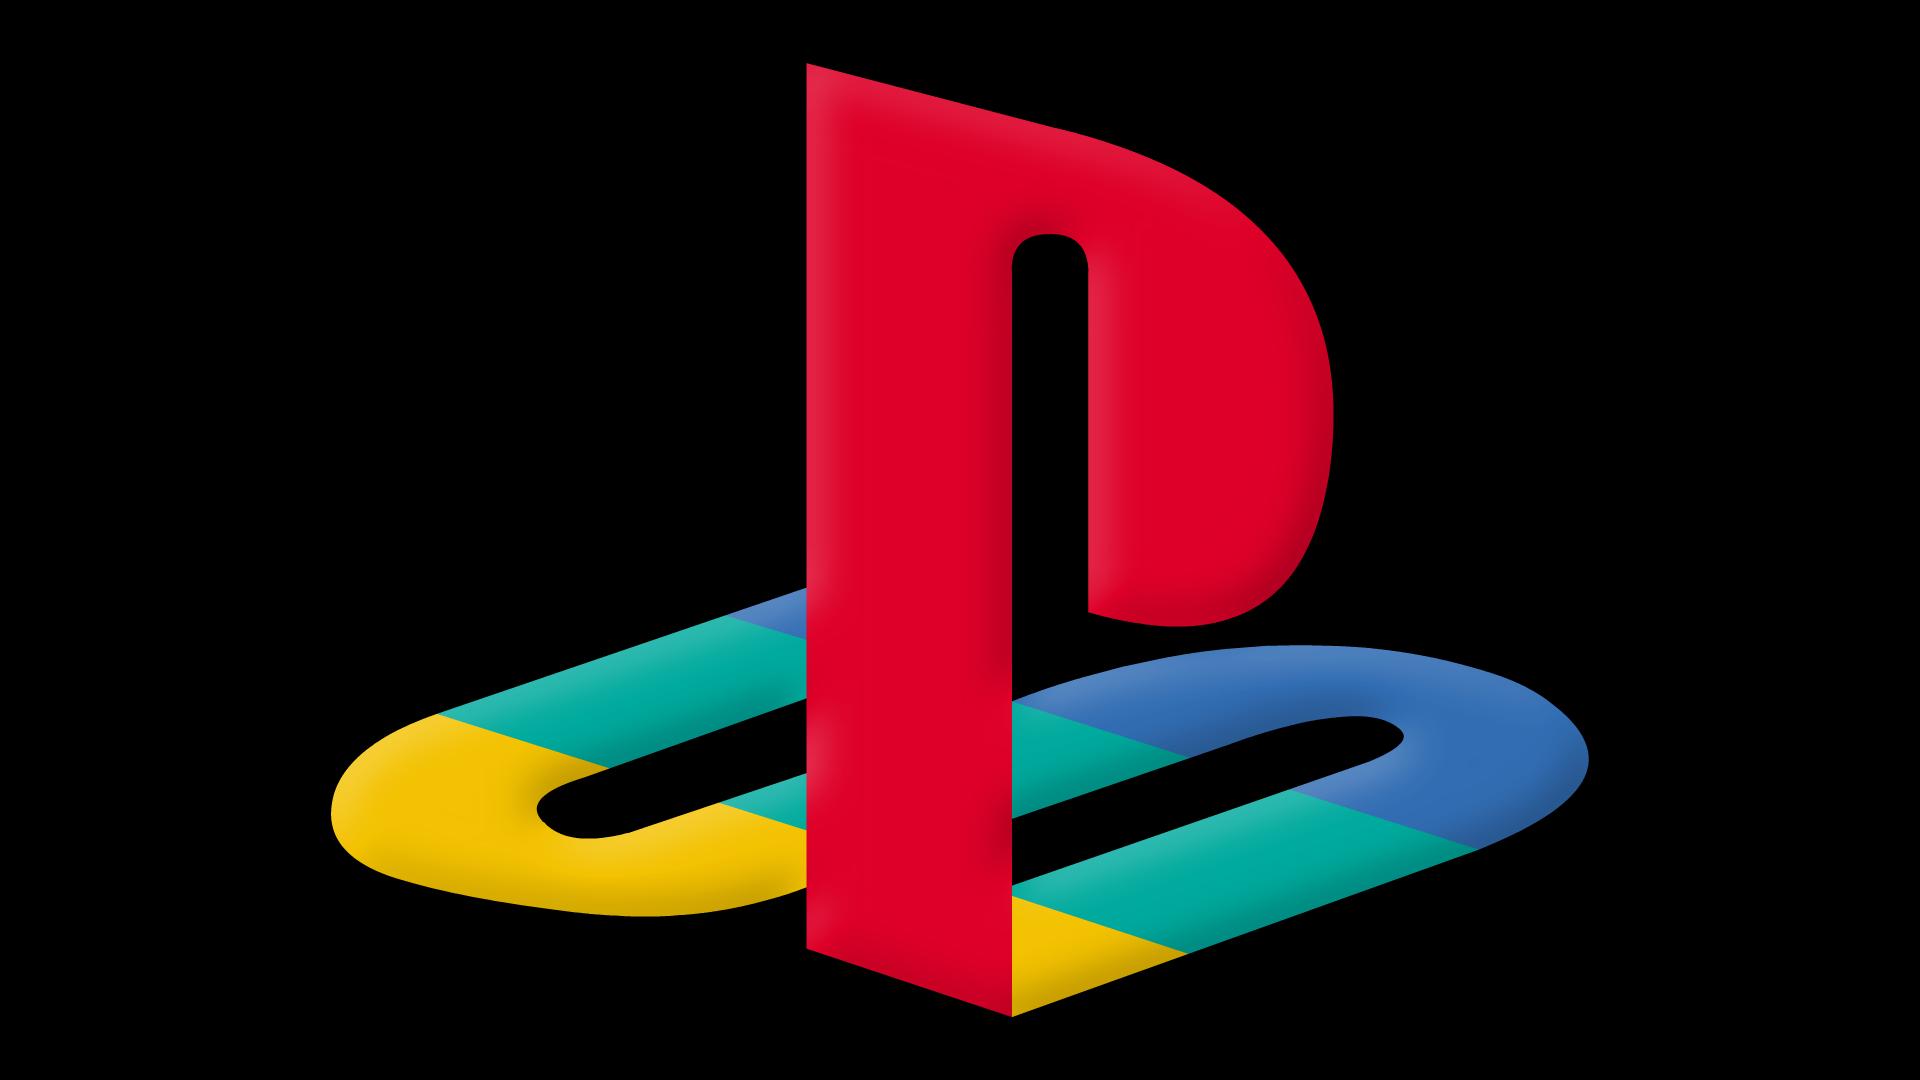 Playstation Symbol Playstation Logo Playstation Playstation Tattoo